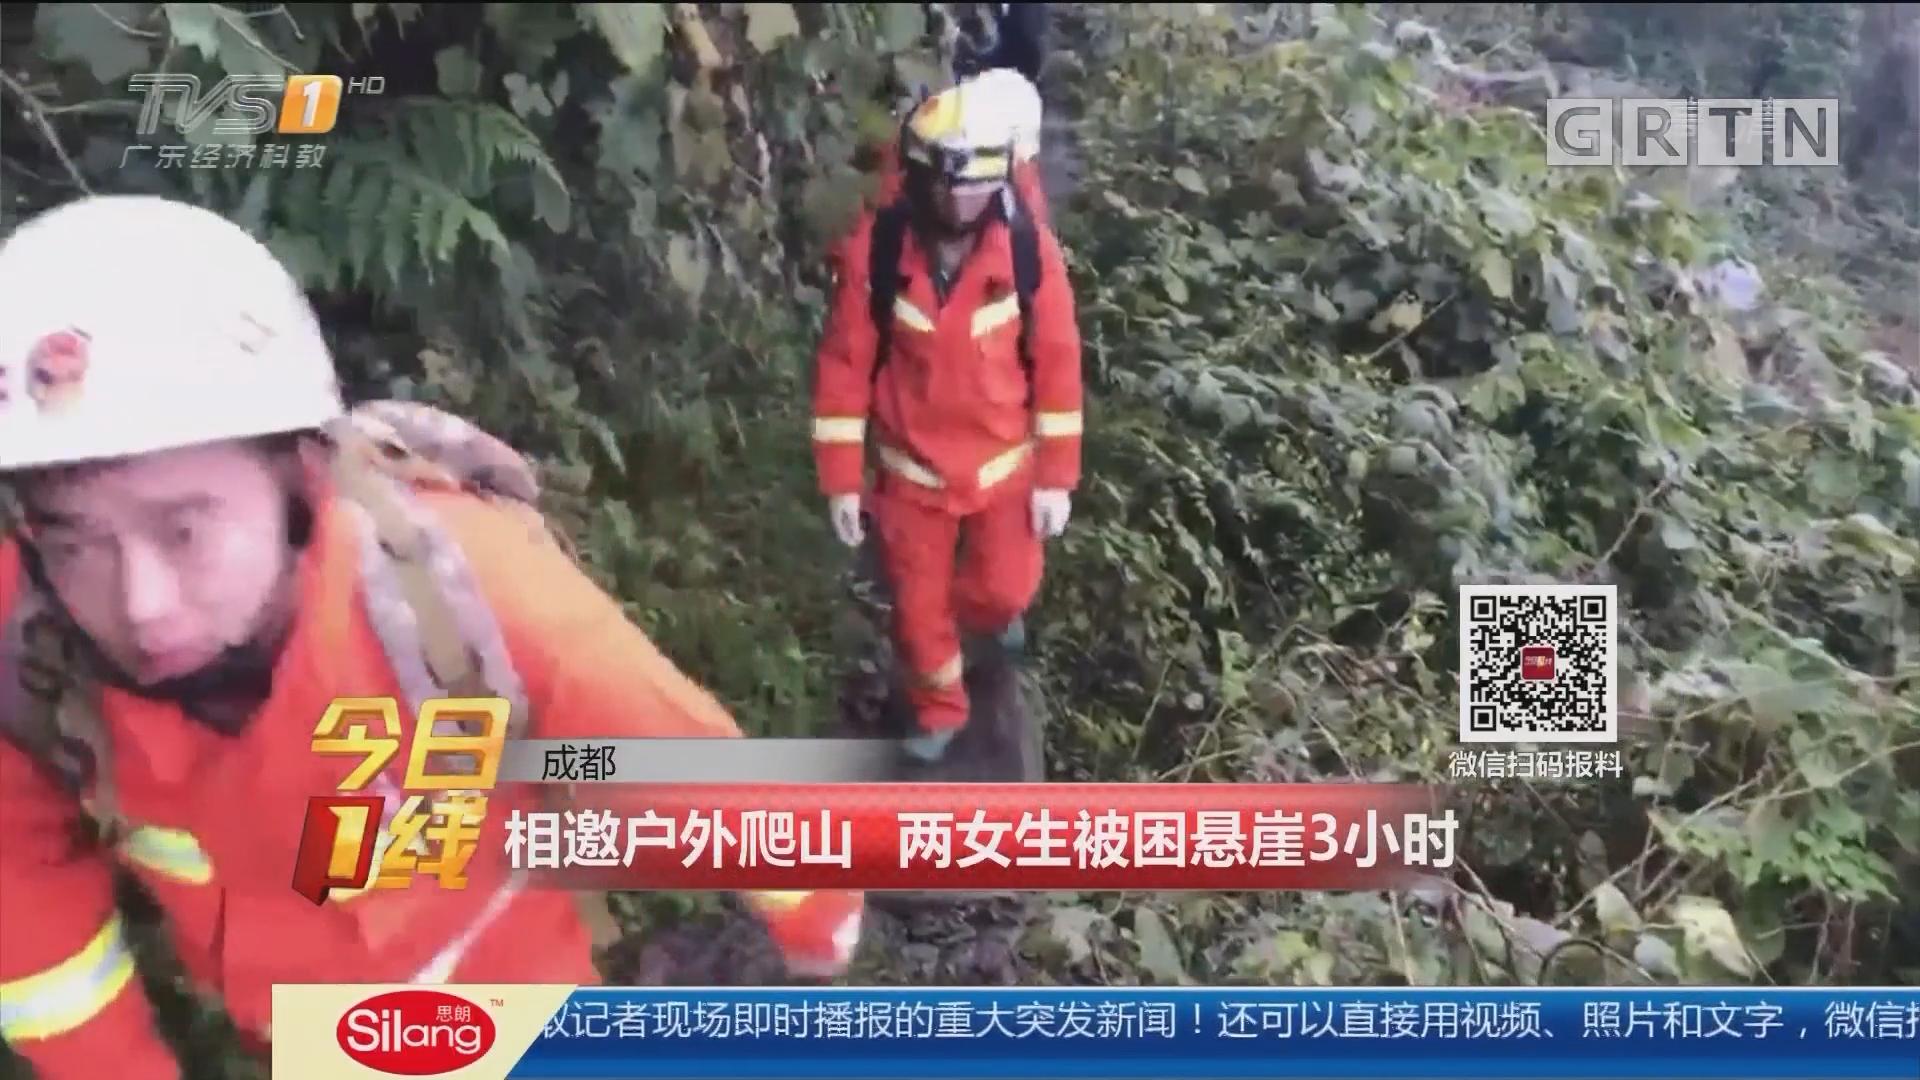 成都:相邀户外爬山 两女生被困悬崖3小时